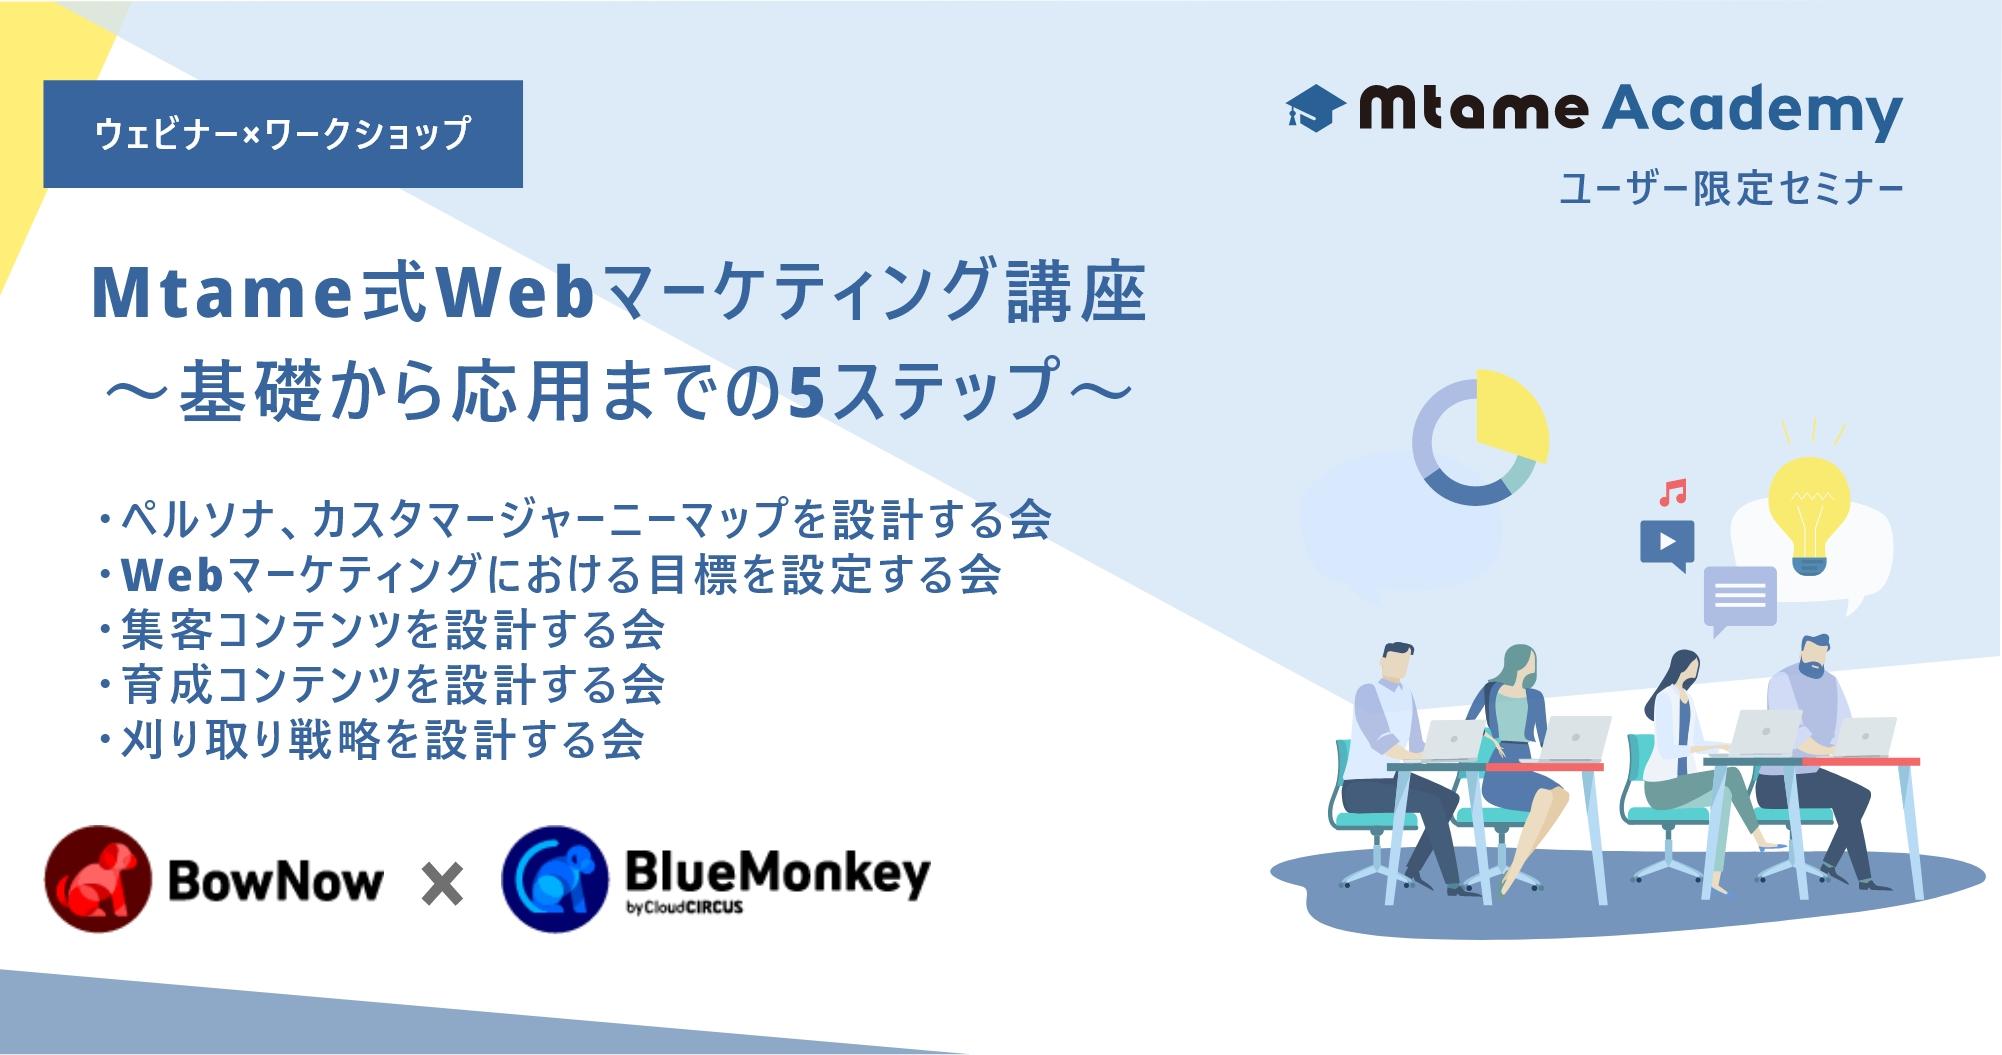 【9月10日(木)】[運用基礎:管理職向け]DXとしてのWebマーケティングと成功する組織のつくり方